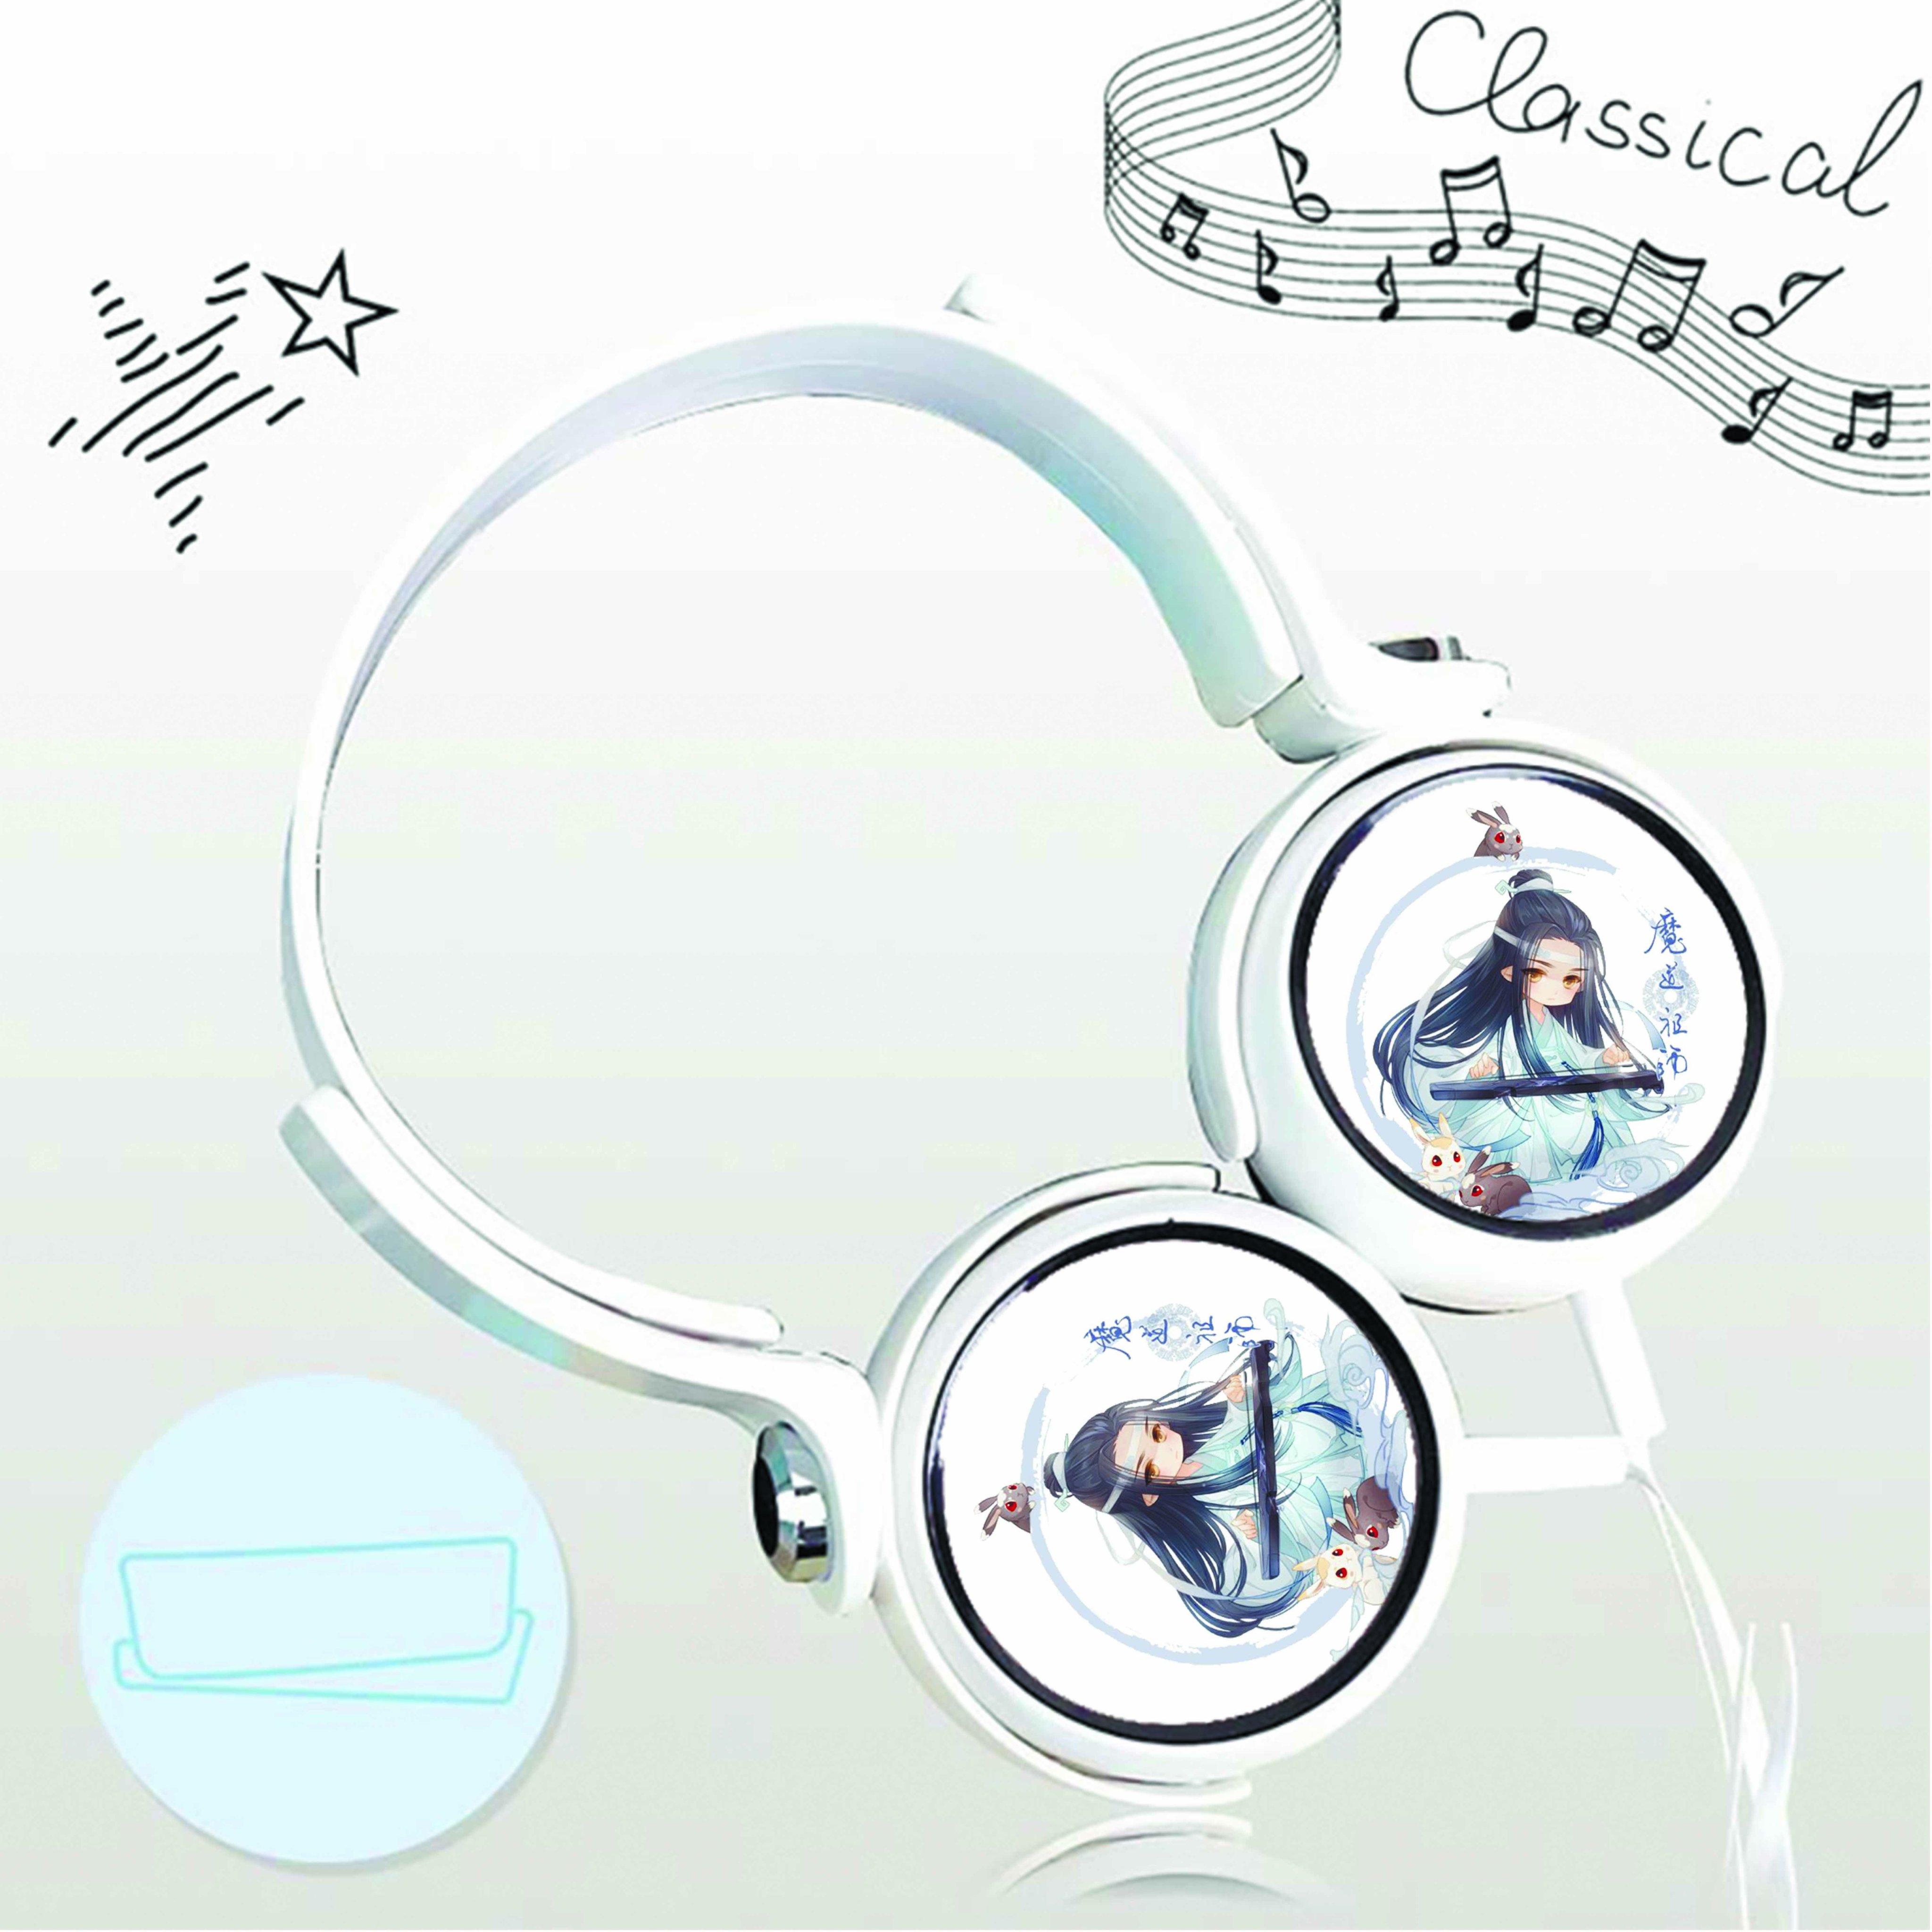 Tai nghe chụp in hình Lam Vong Cơ Ma Đạo Tổ Sư anime chibi cắm dây có mic